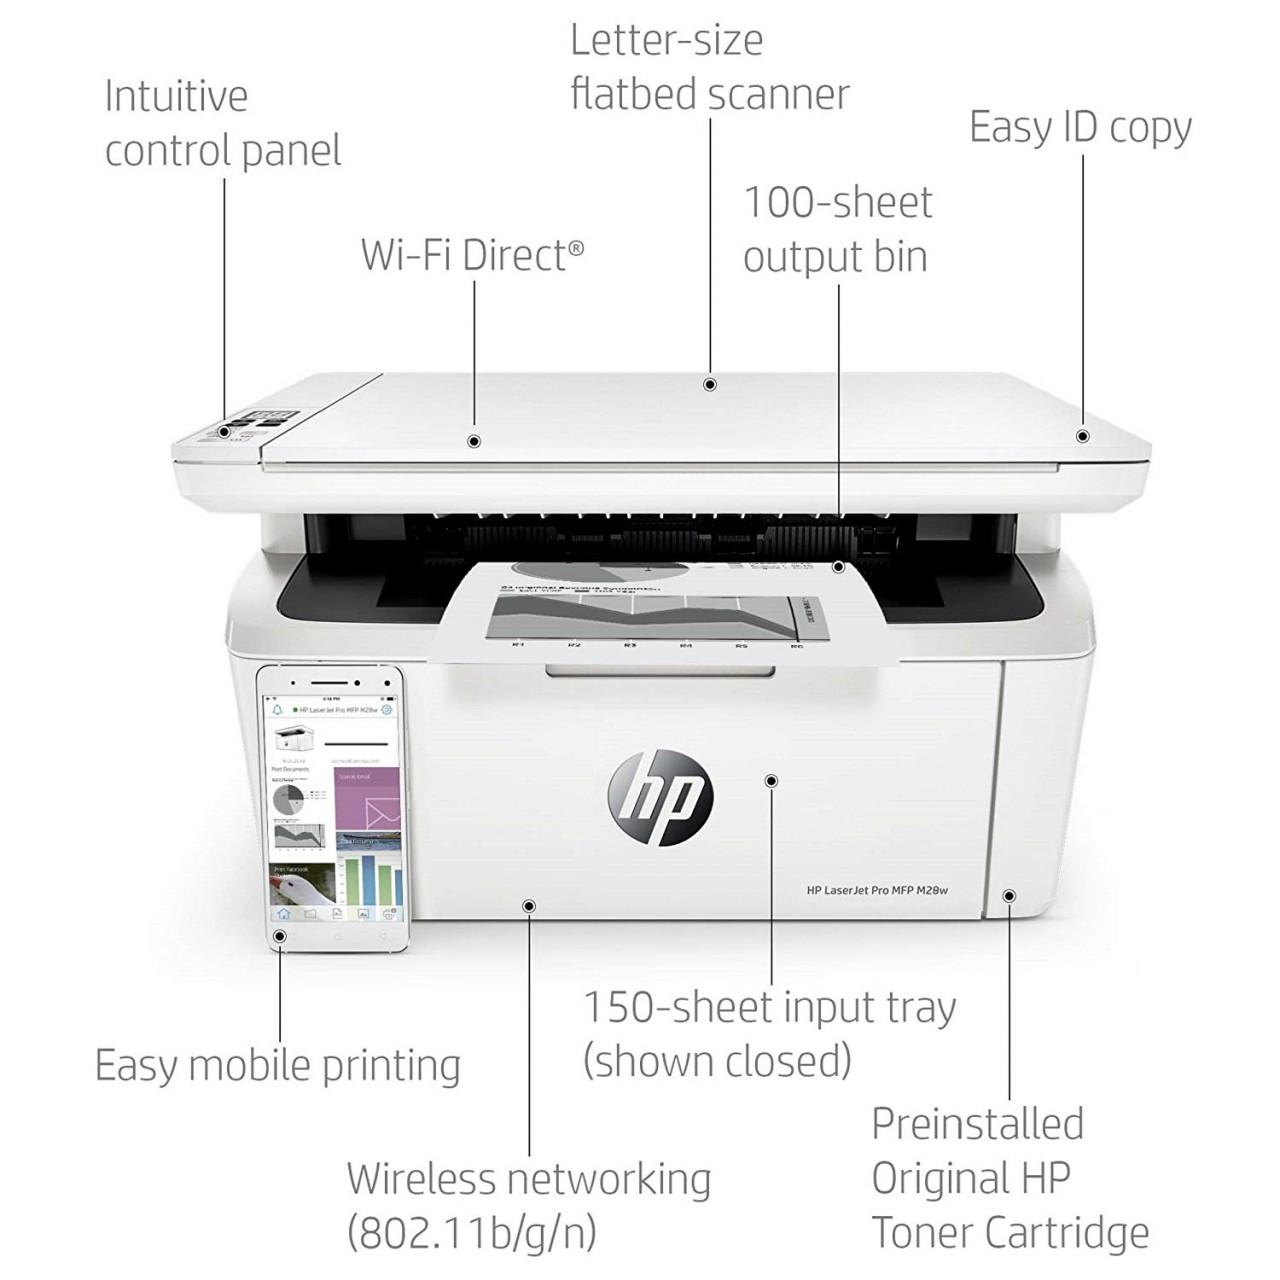 HP LaserJet Pro M28w Multi-Function Printer (1 Year Warranty)